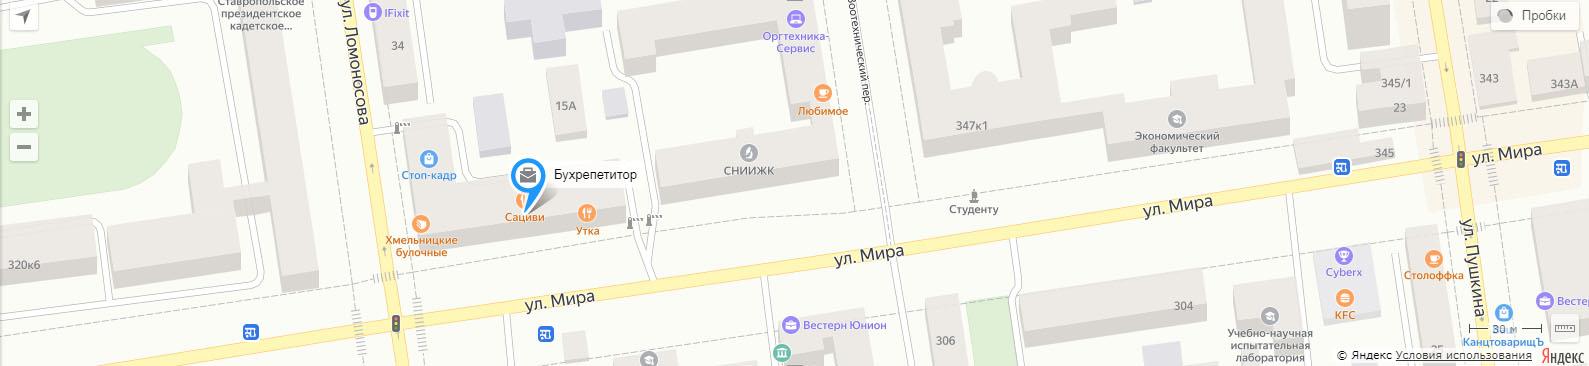 Бухрепетитор. Бухгалтерские услуги в Ставрополе